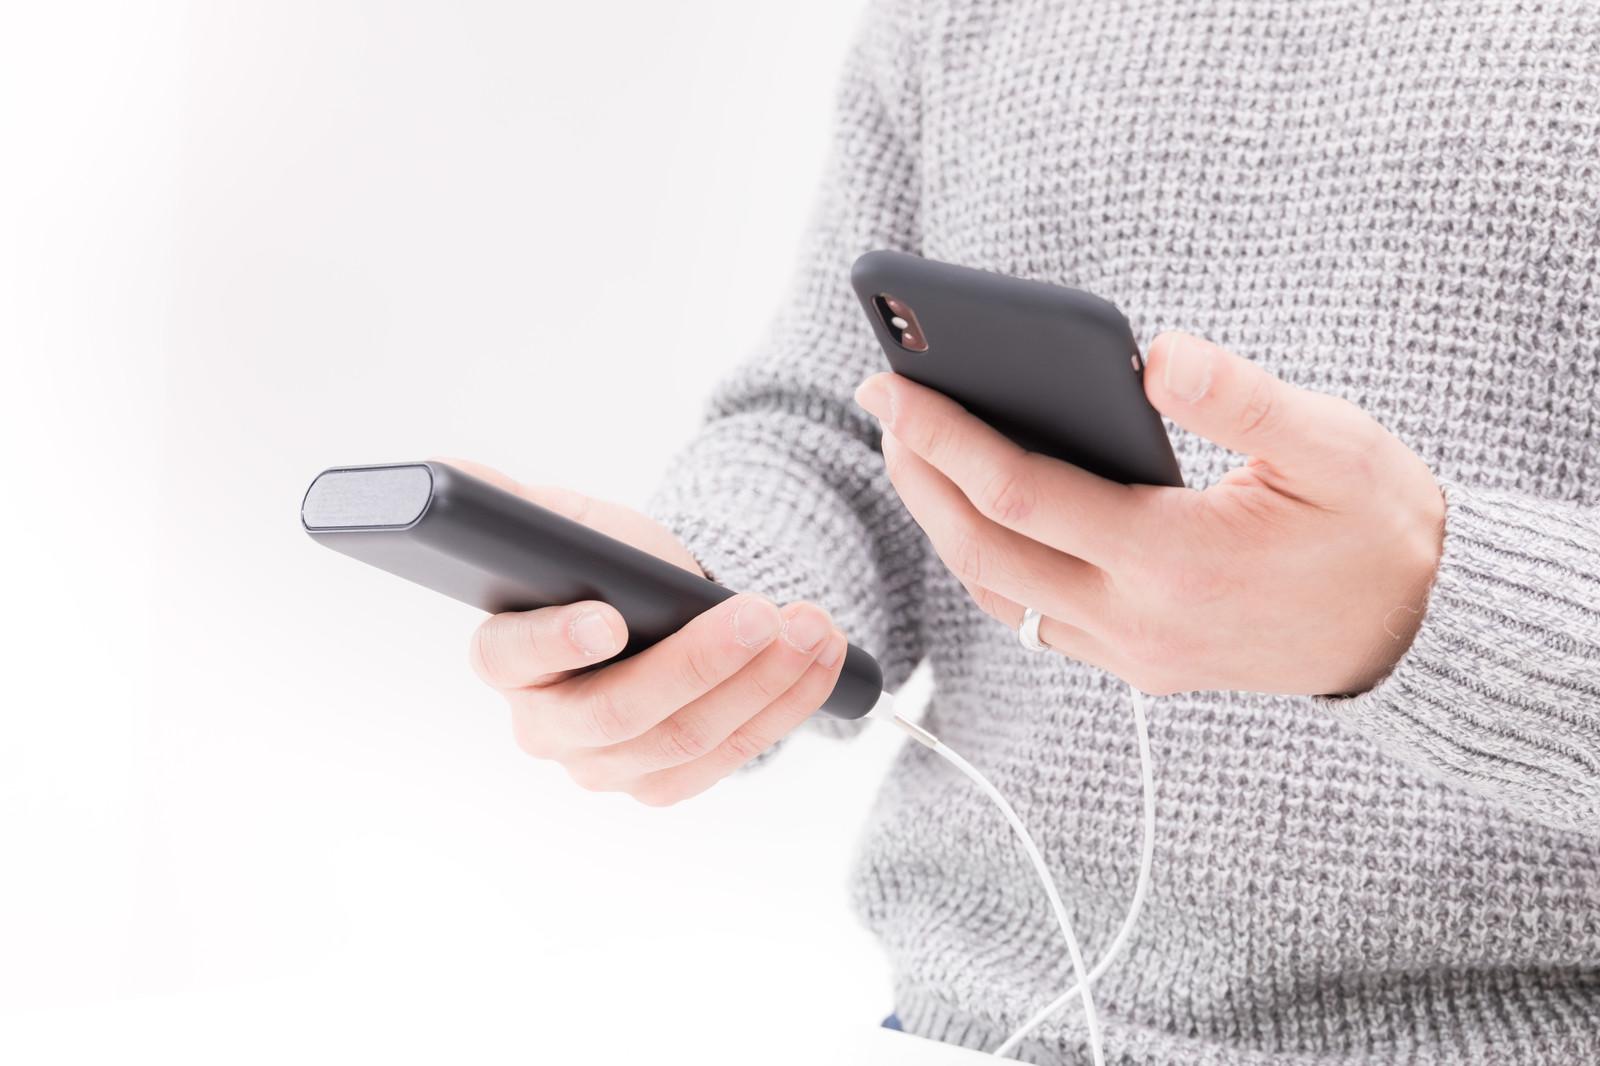 ダイソーのモバイルバッテリー品質は?500円・300円の商品も紹介!